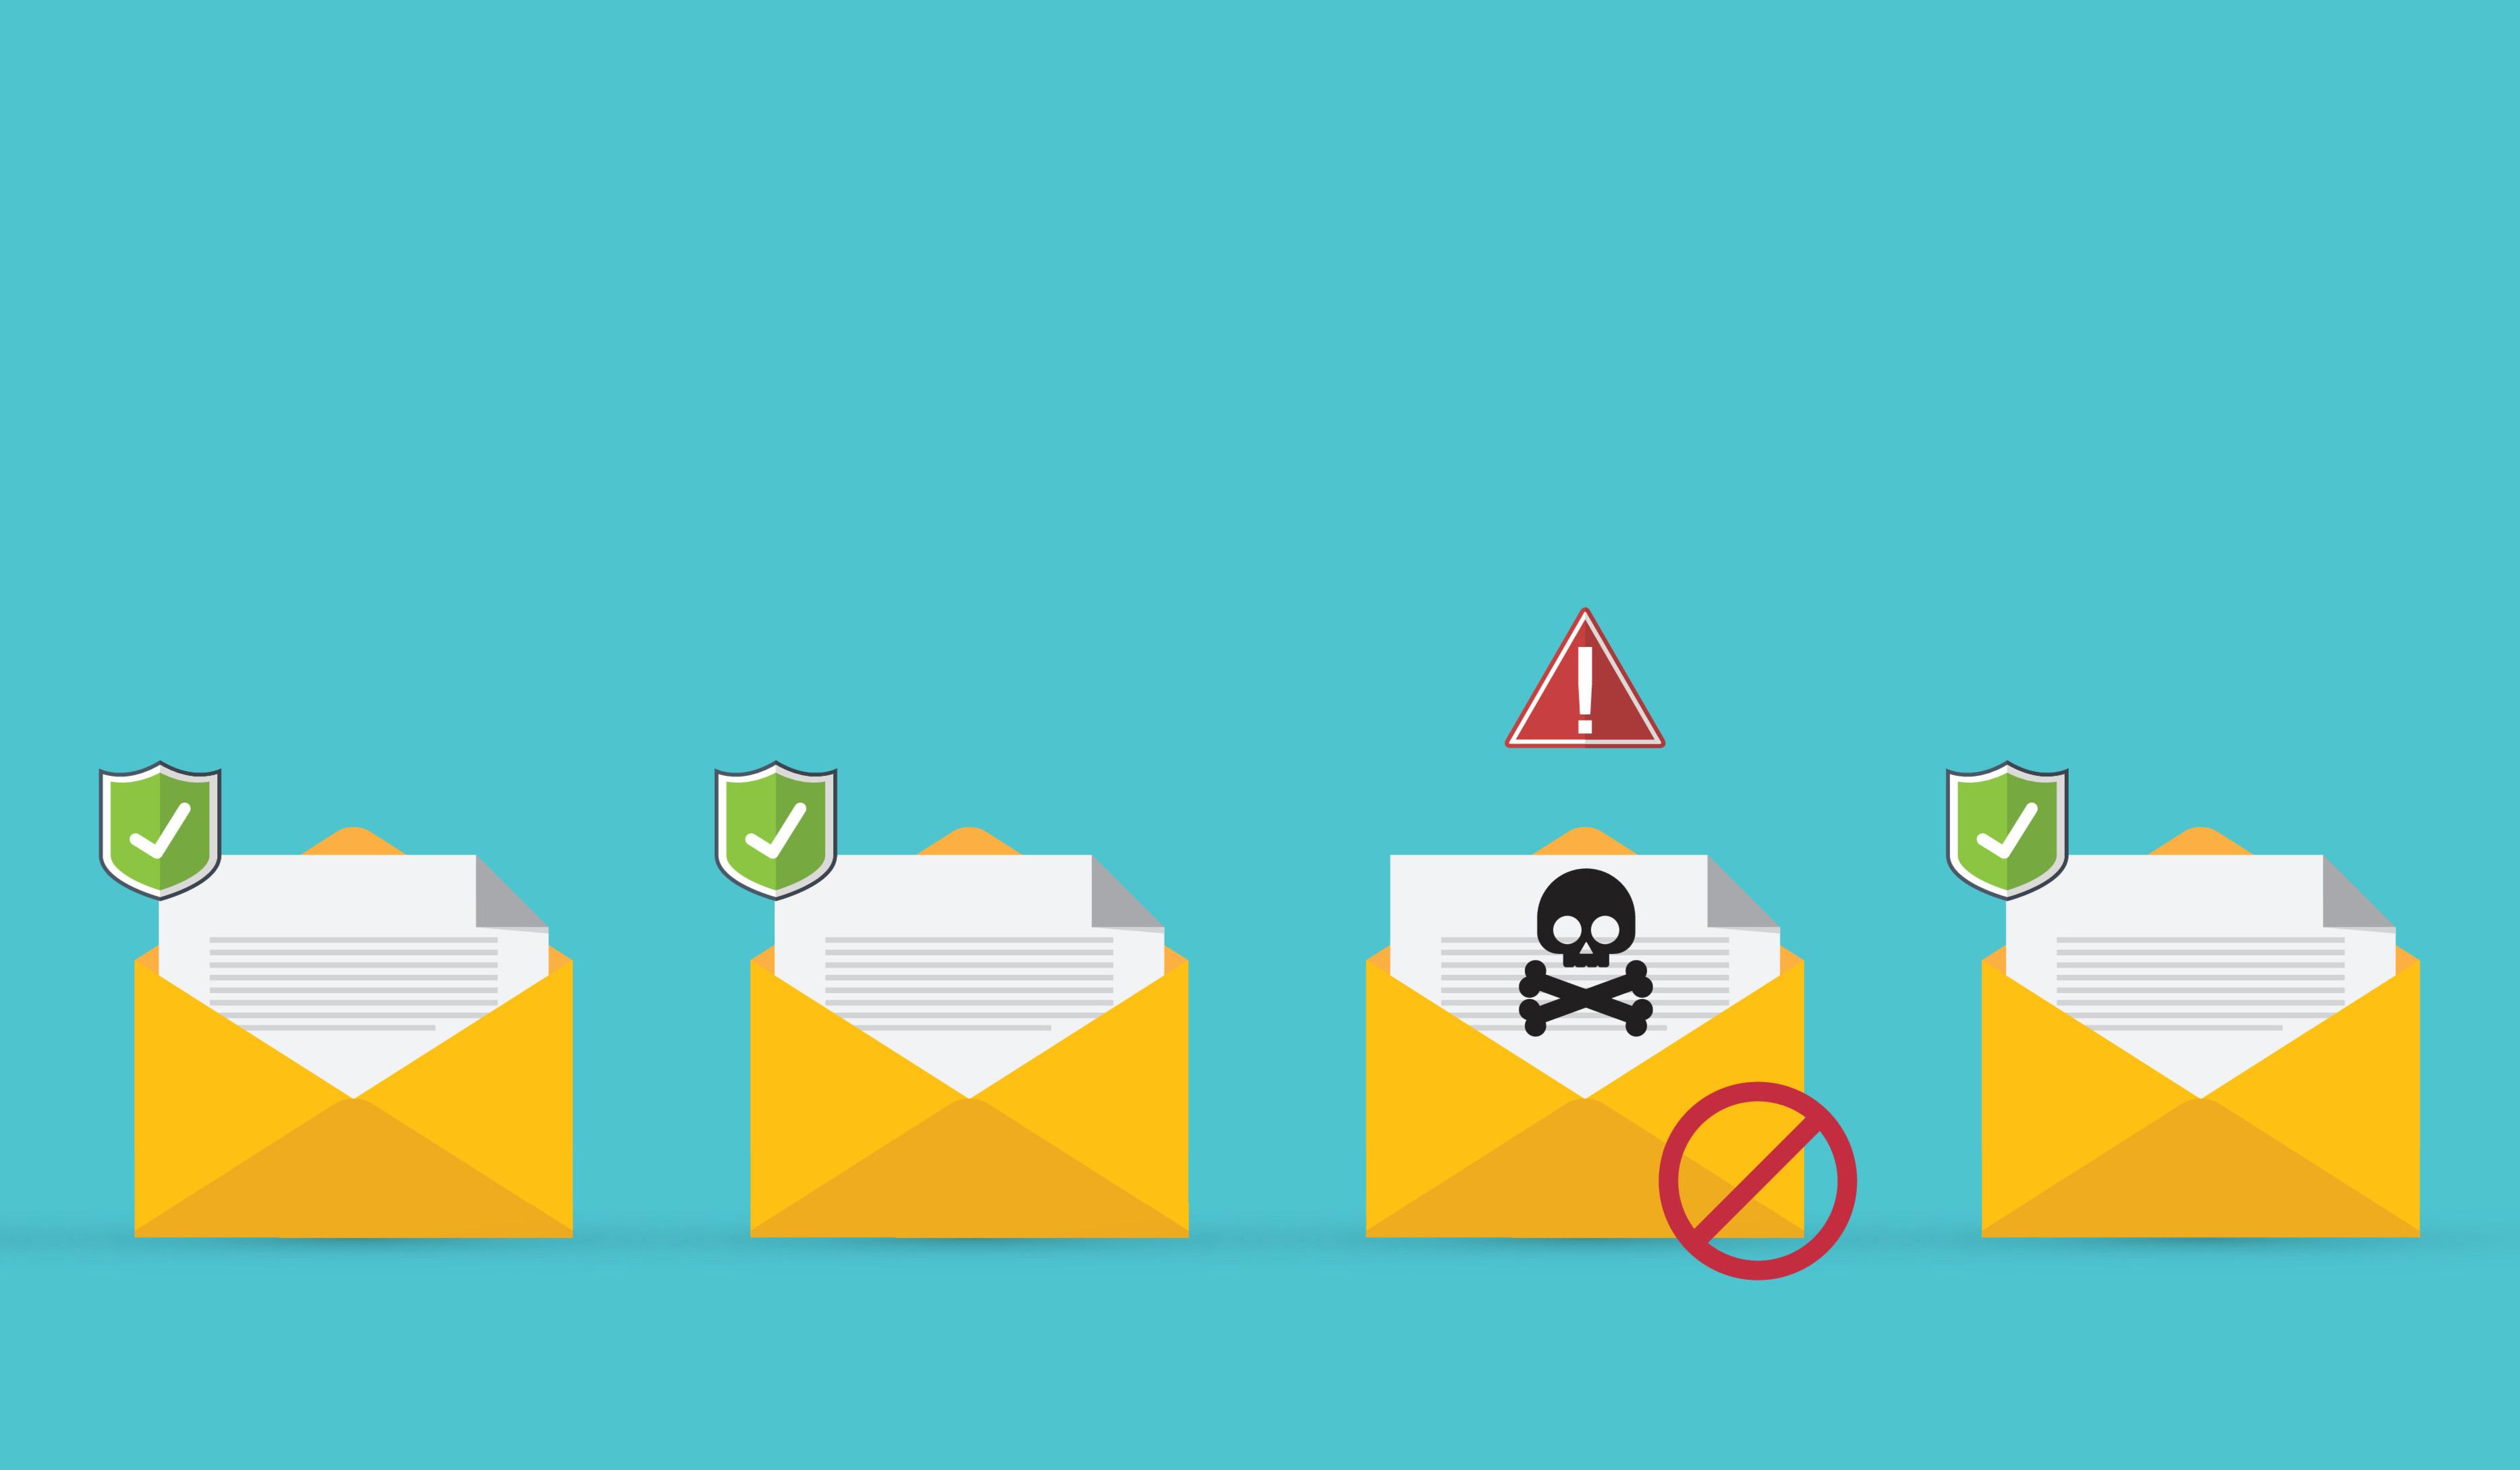 skull-and-envelope-phishing-kit